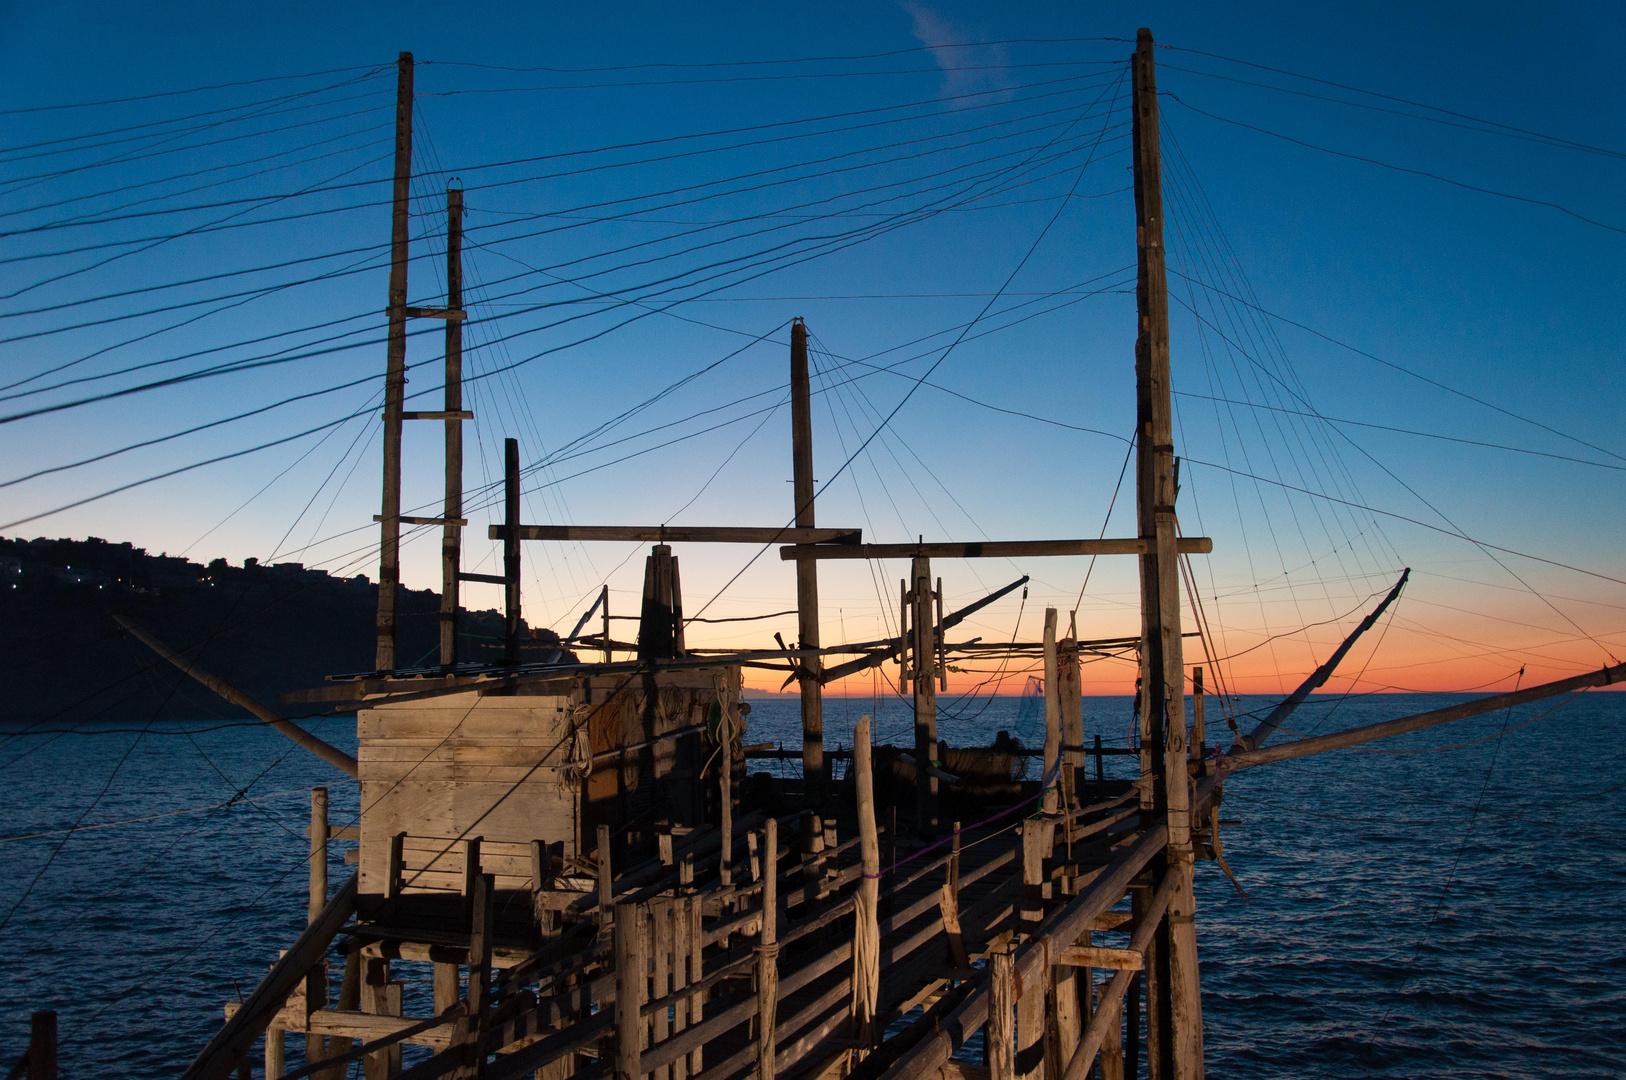 Trabucco vor Sonnenuntergang